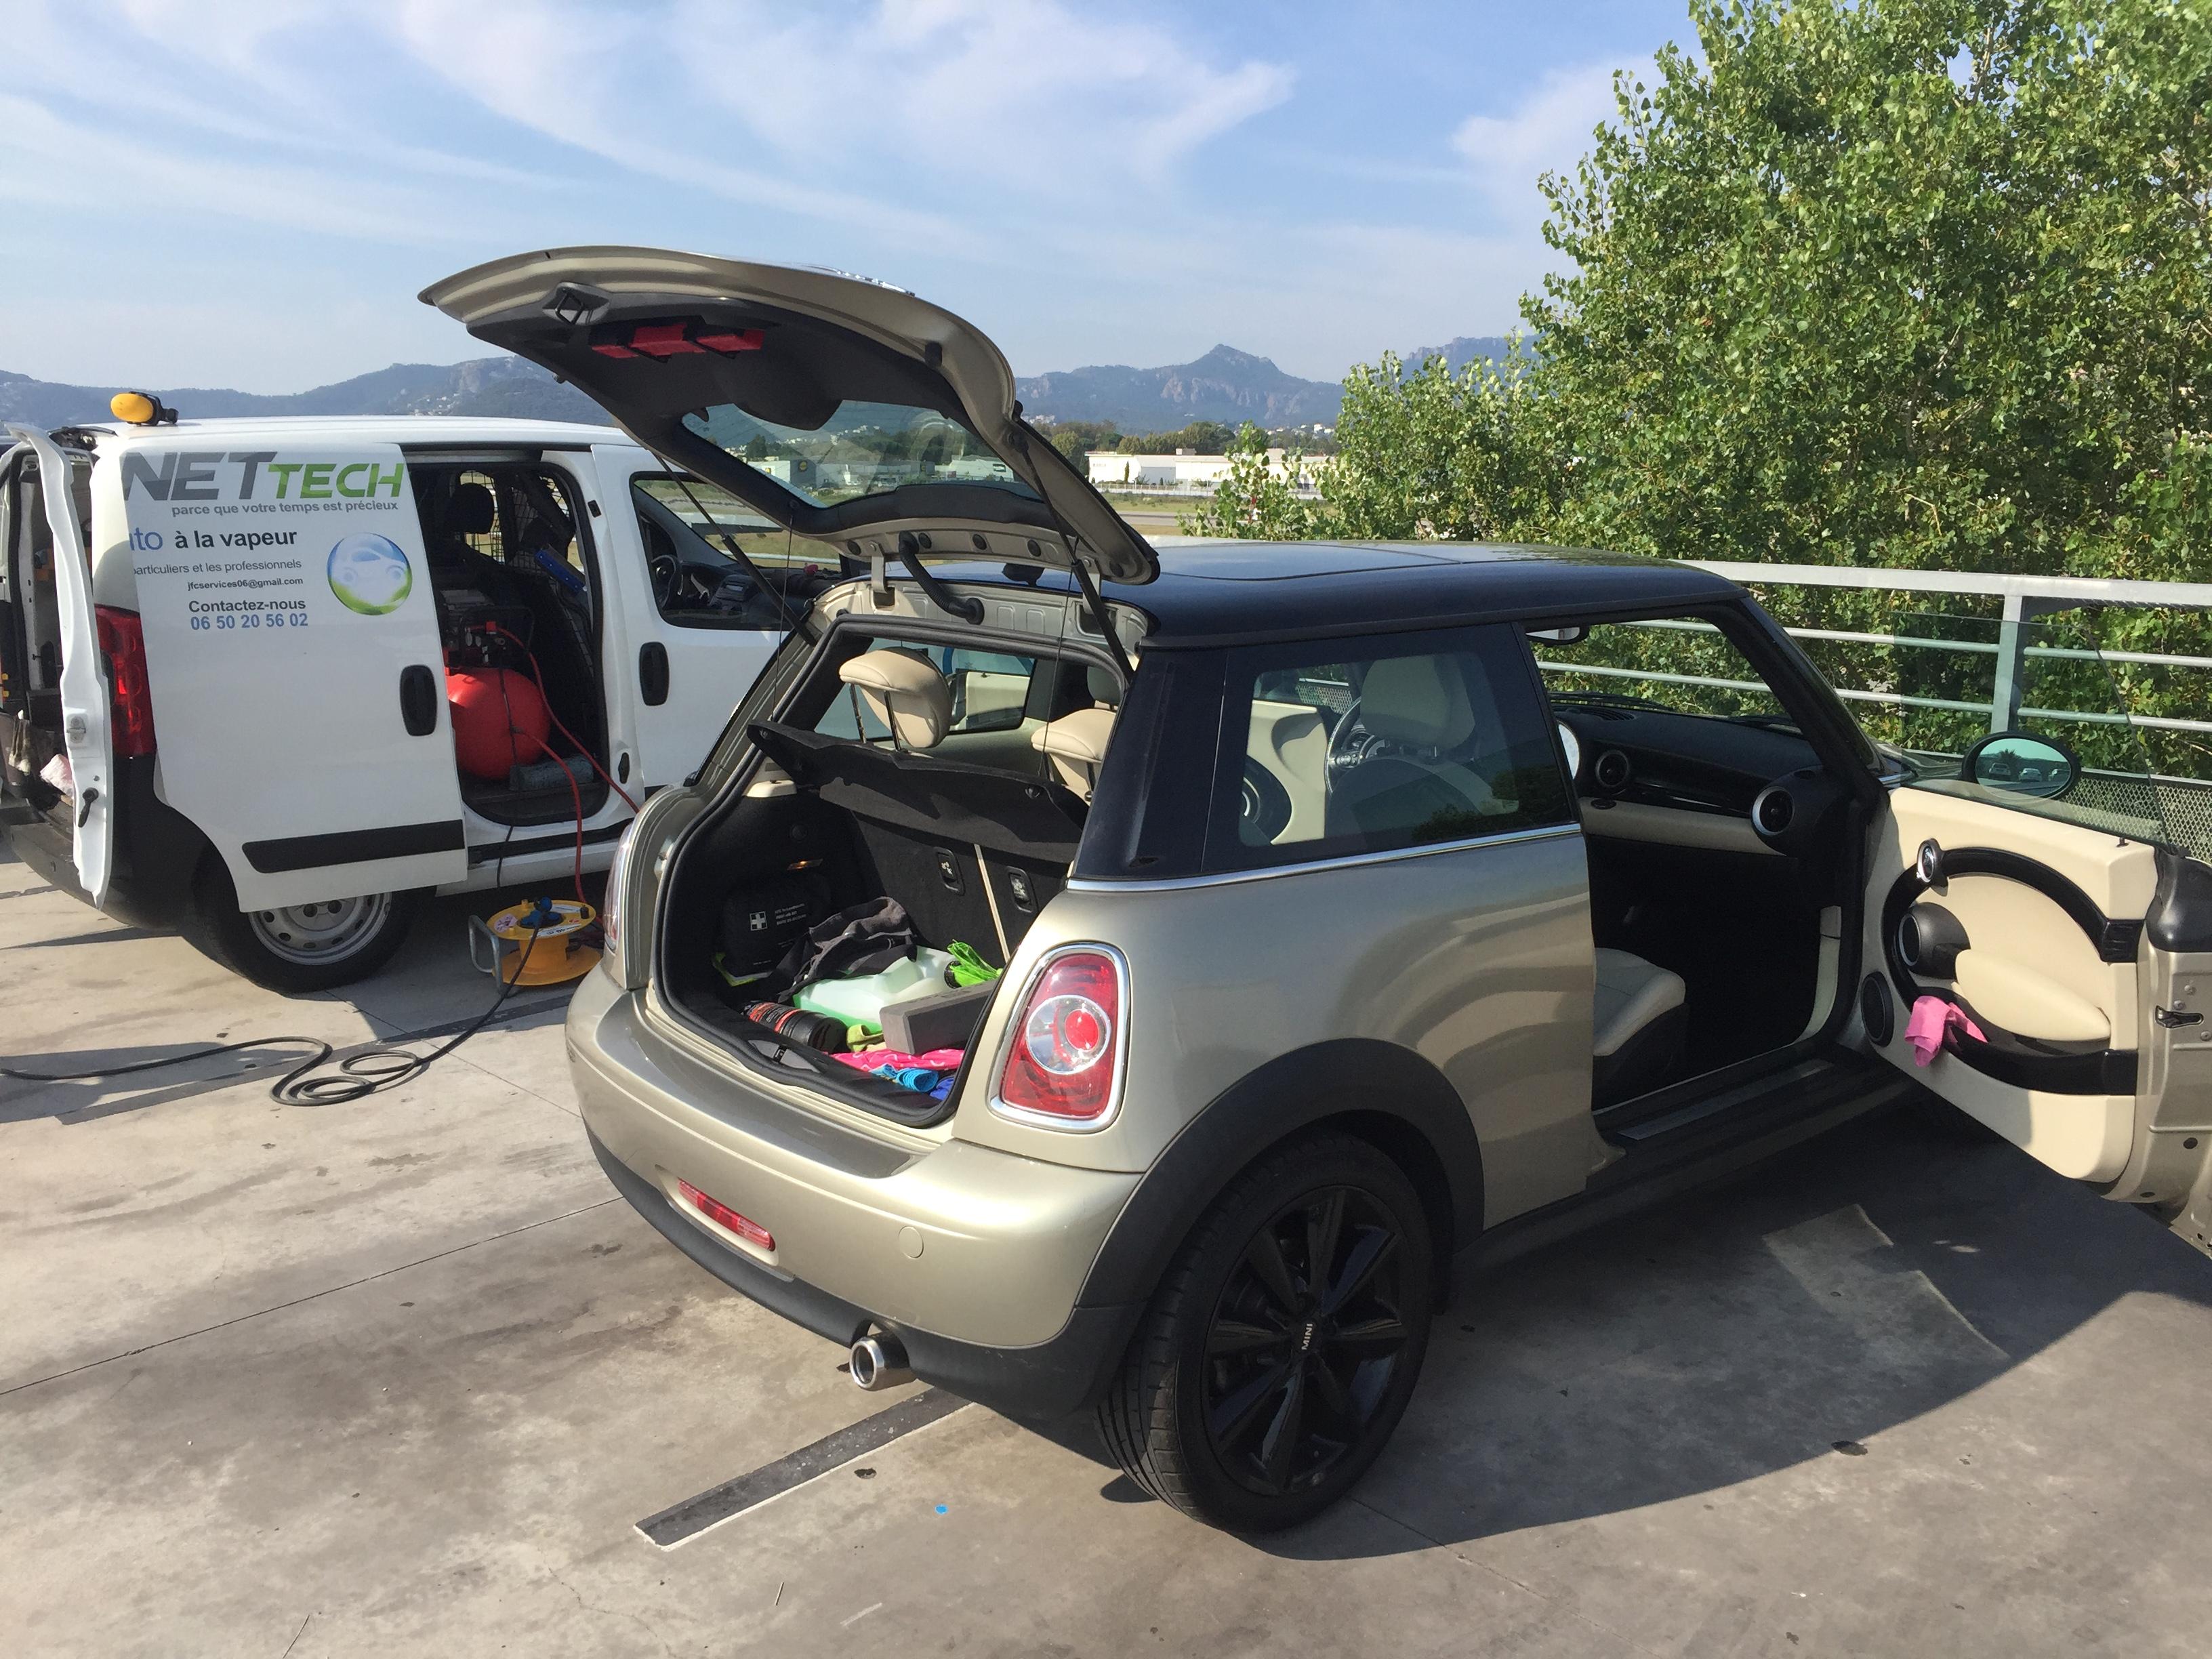 Nettoyage véhicule au travail